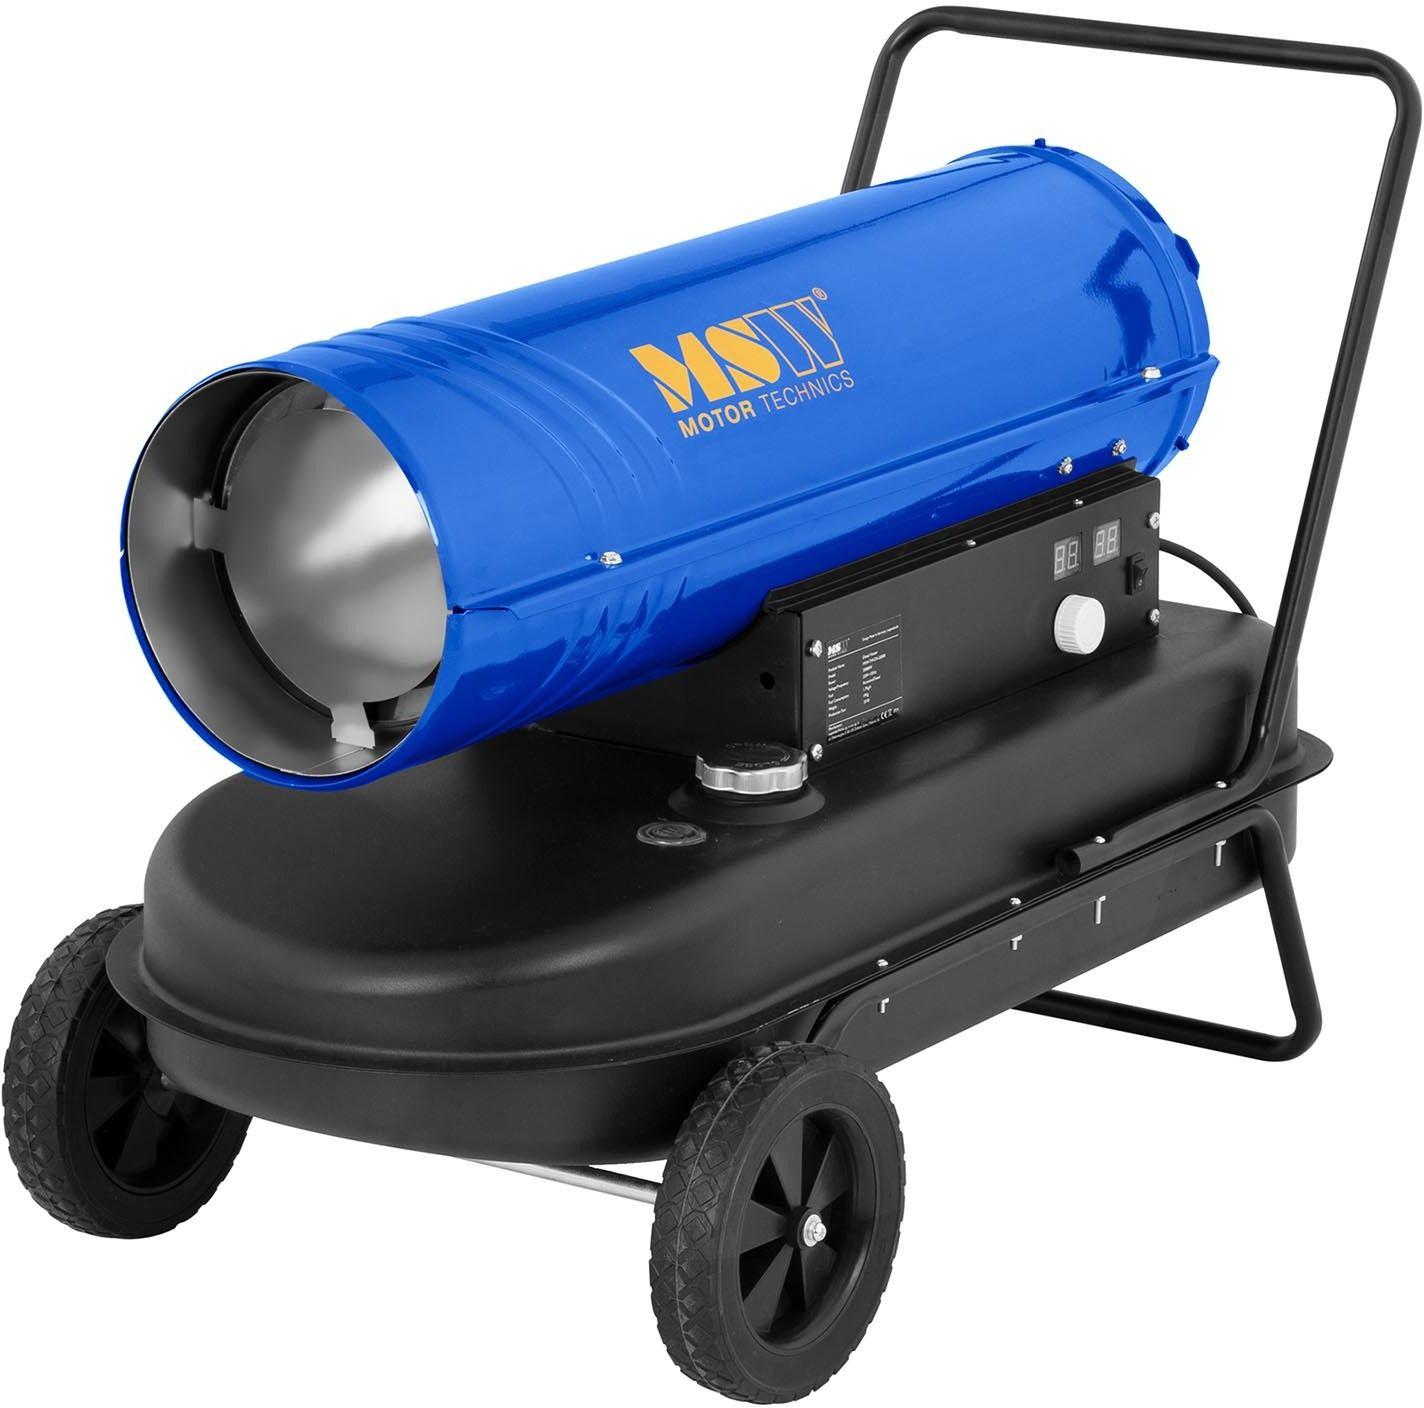 Nagrzewnica olejowa - 20 kW - 600 m/h - kółka - MSW - MSW-TW-DH-20000 - 3 lata gwarancji/wysyłka w 24h